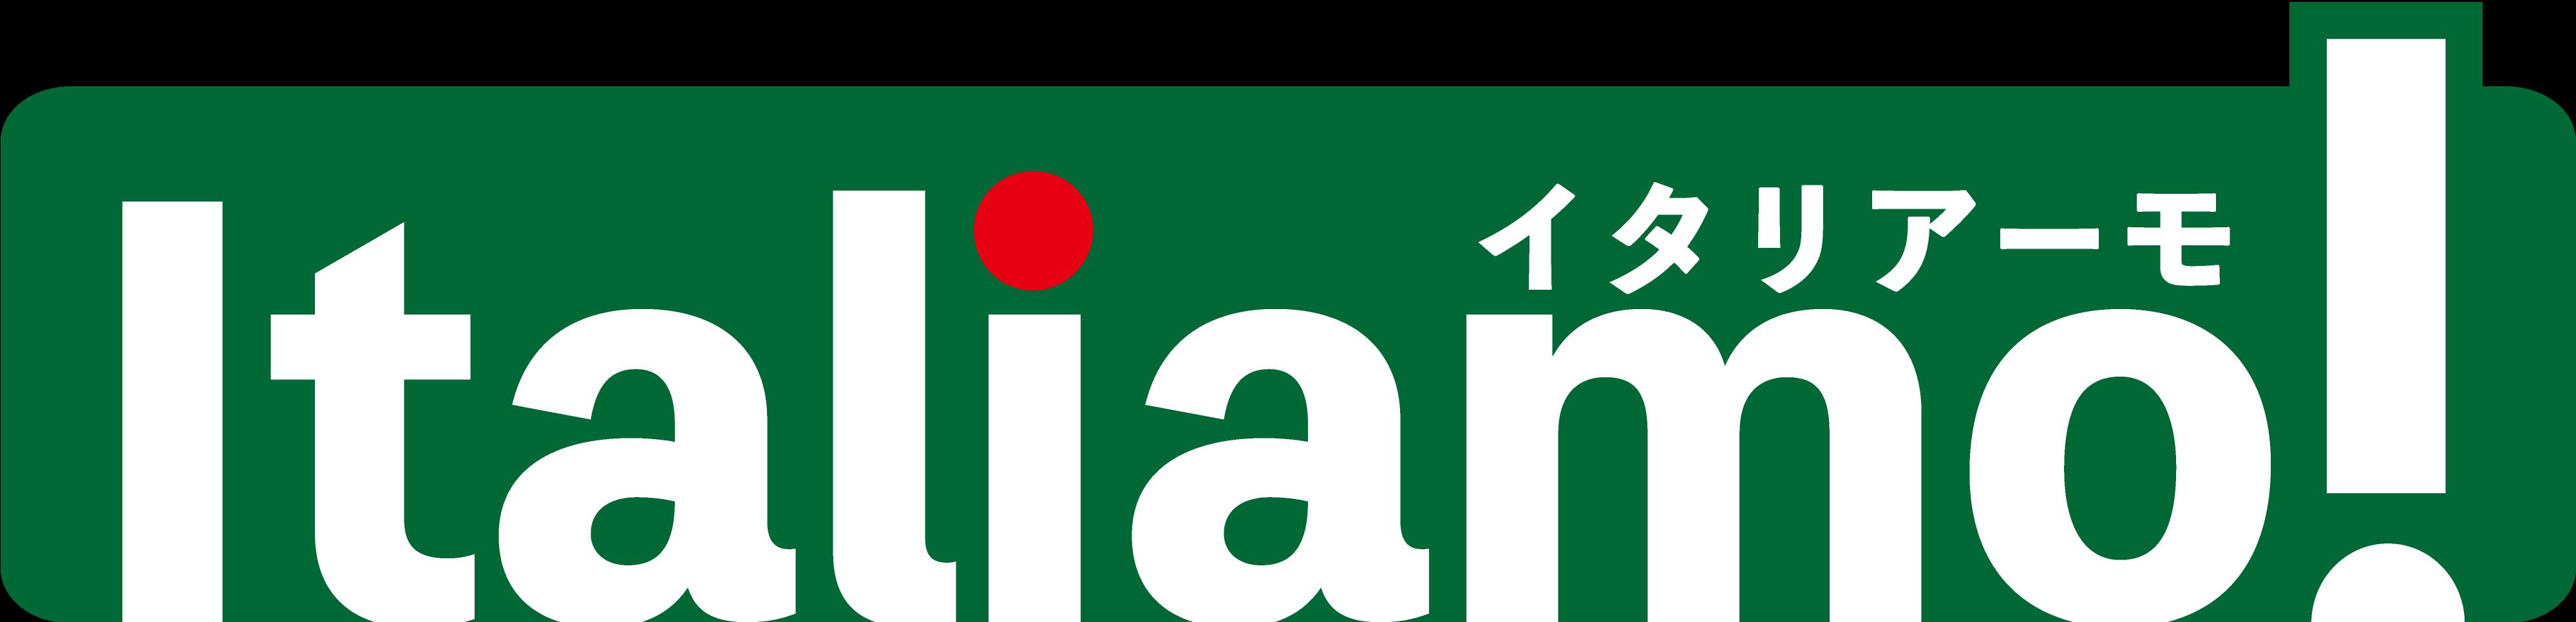 株式会社イタリアーモ